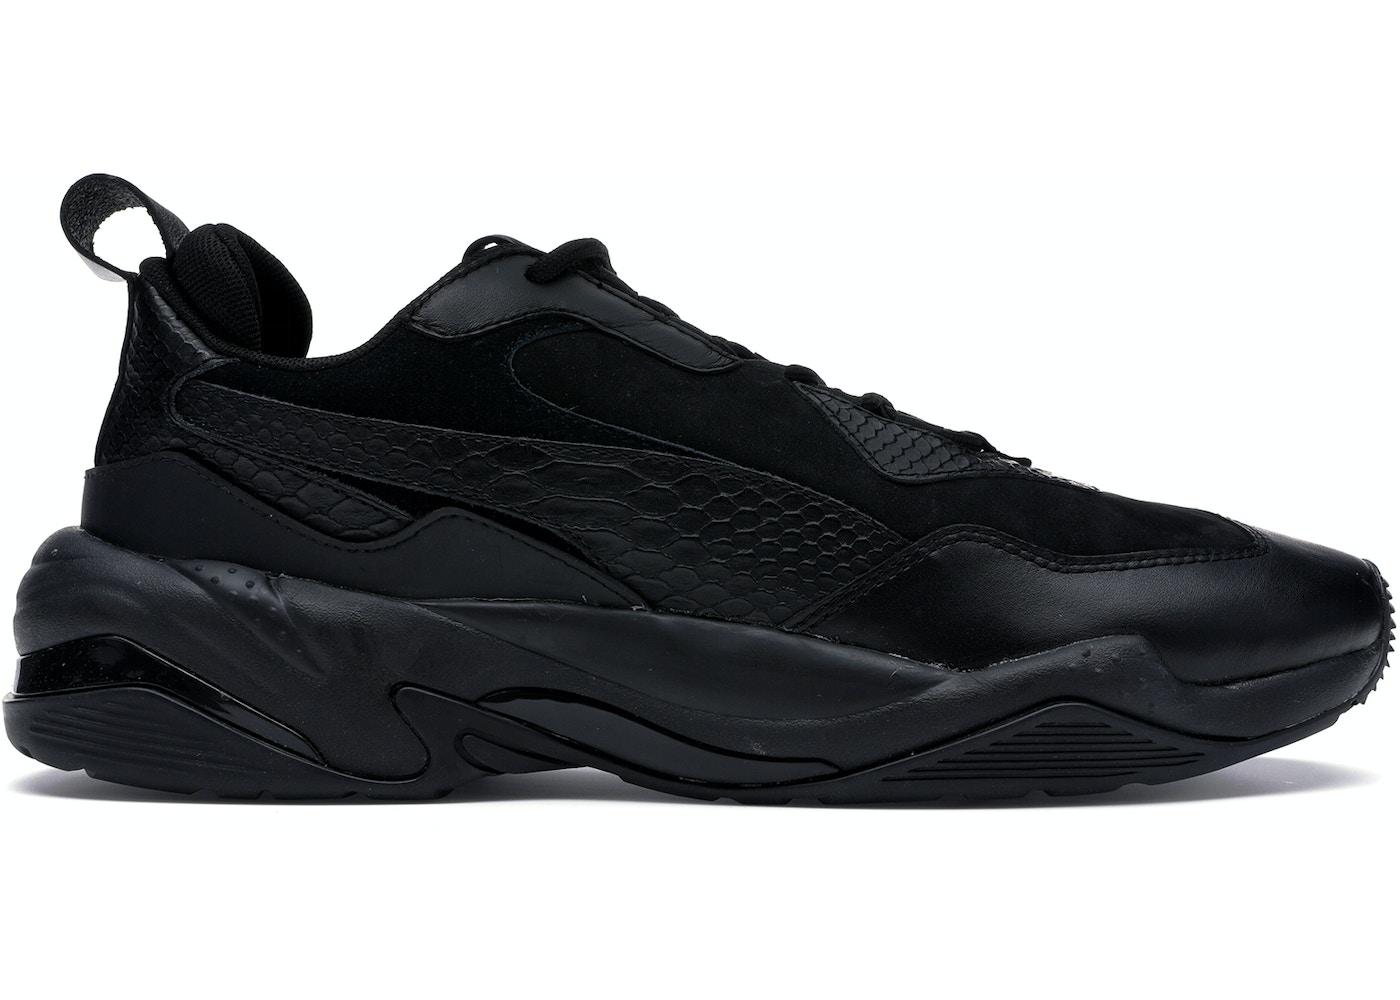 525c788ae76 Puma Size 7 Shoes - Price Premium